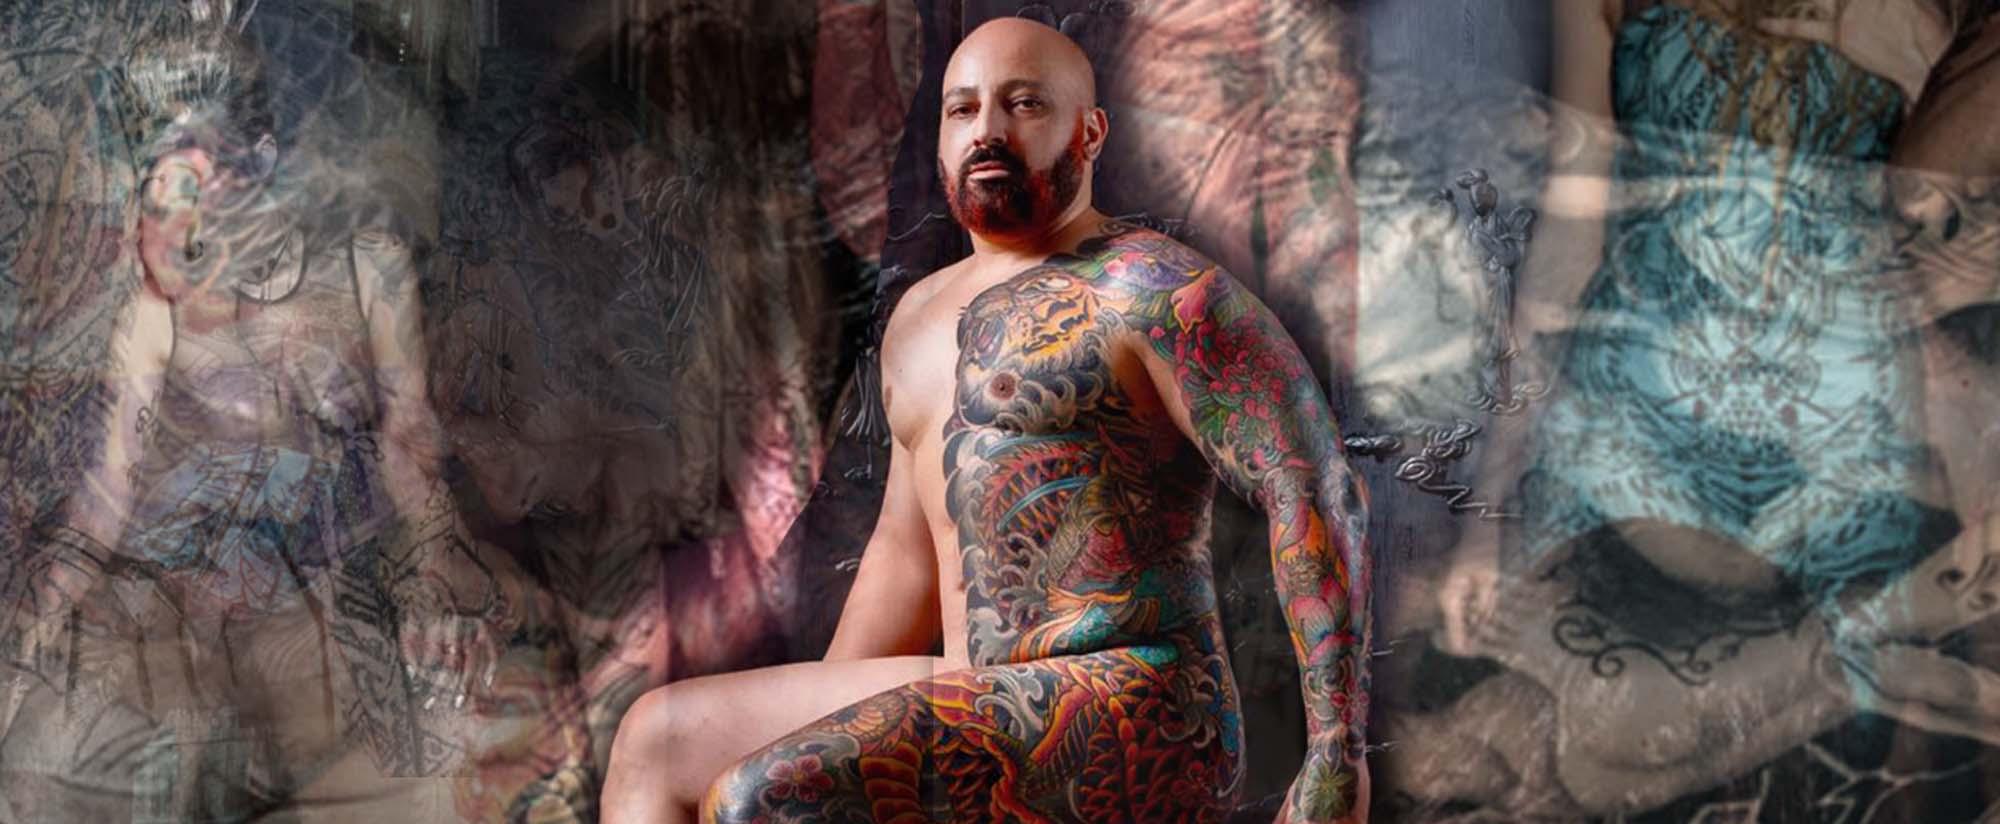 נתיב יוחאי מאיר, אופנה, Fashion Israel, קעקועים, nativ tattoo